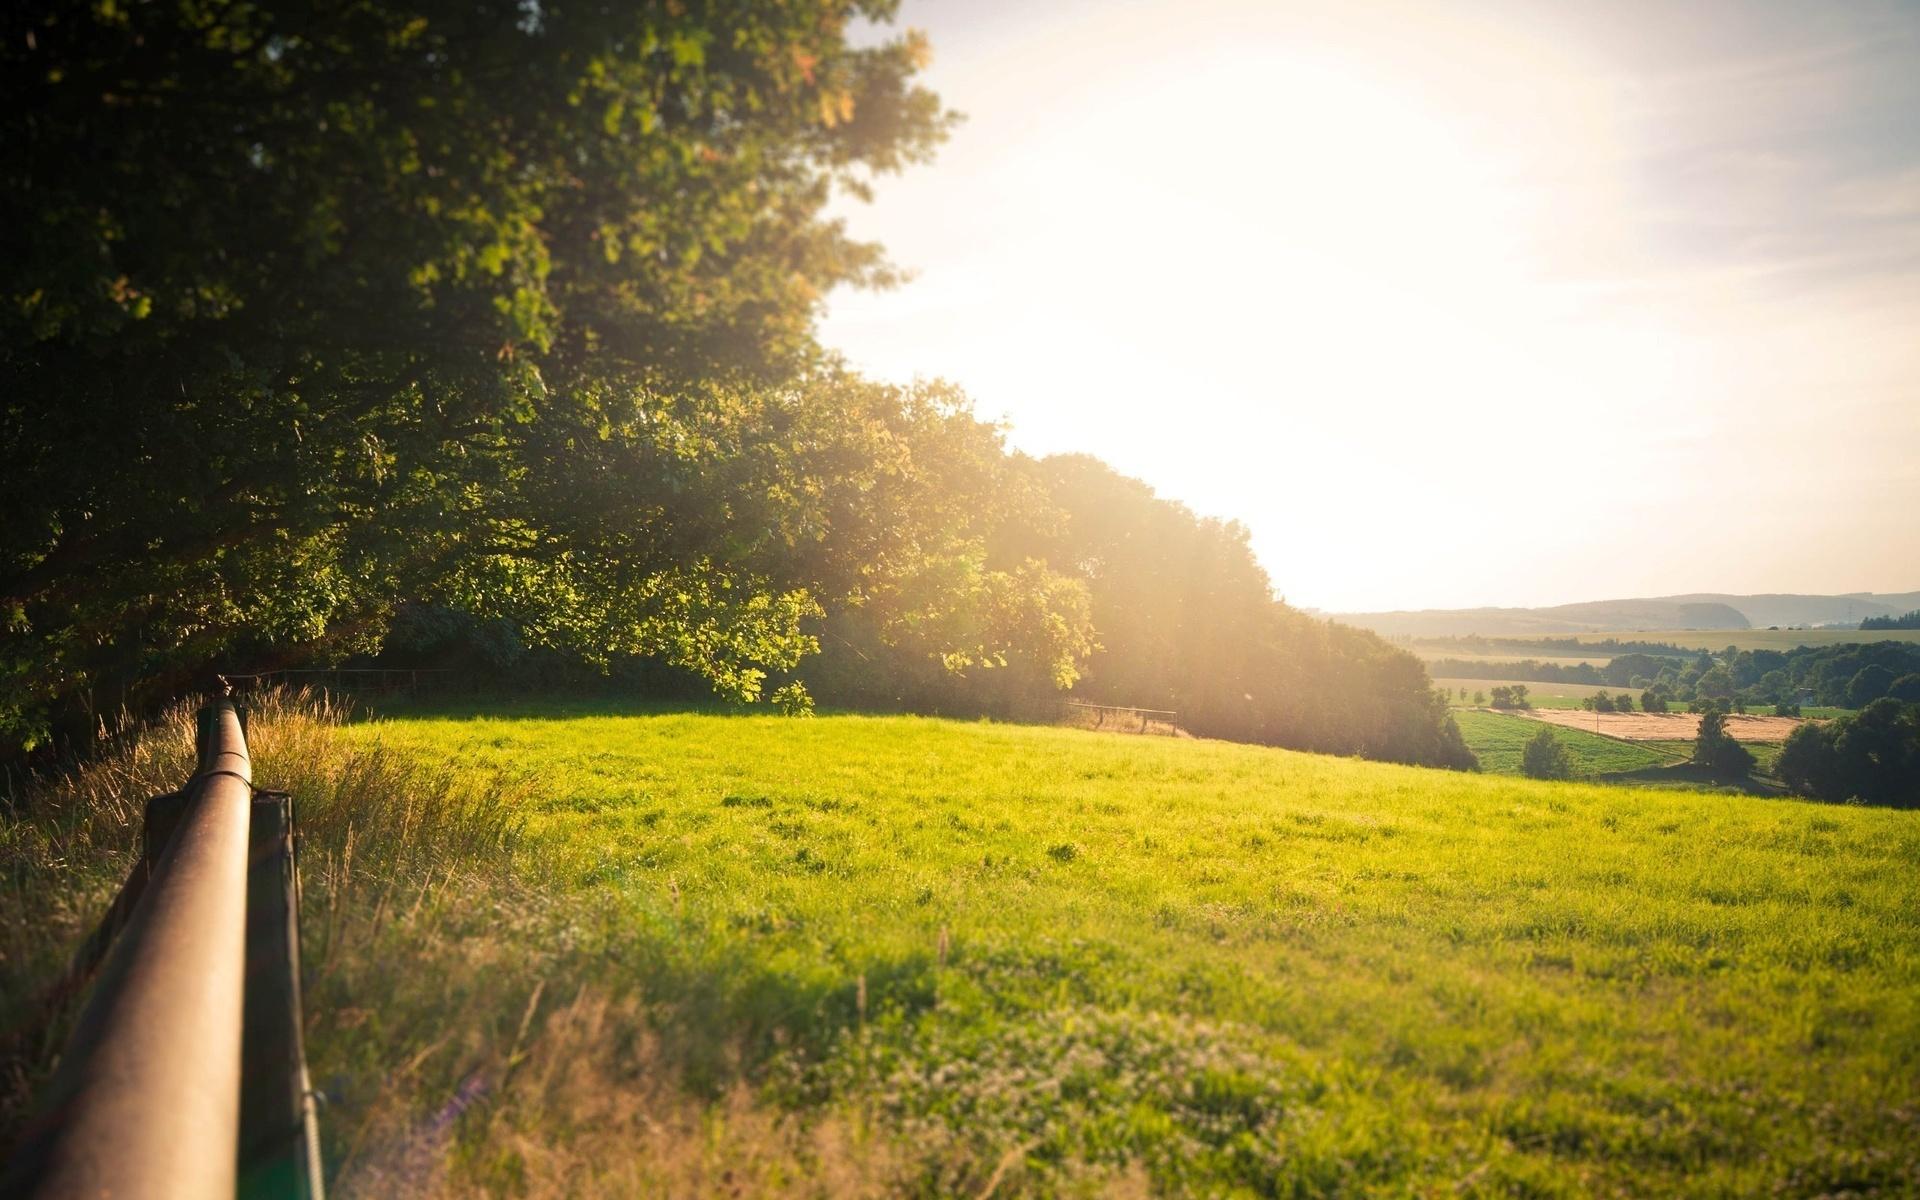 25904 скачать обои Пейзаж, Деревья, Поля, Солнце - заставки и картинки бесплатно